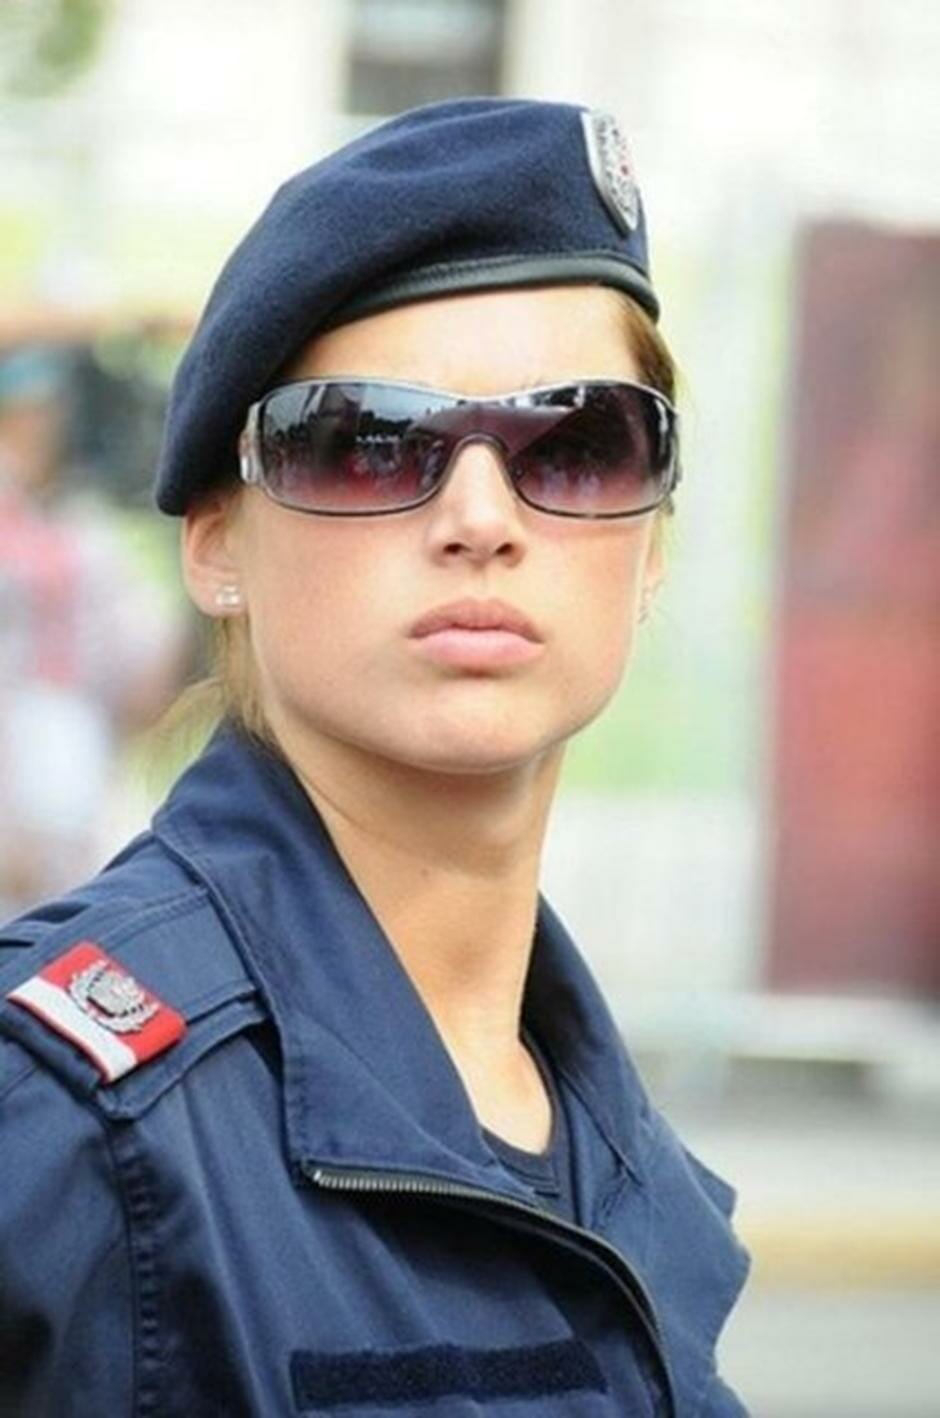 mais-lindas-policiais_24